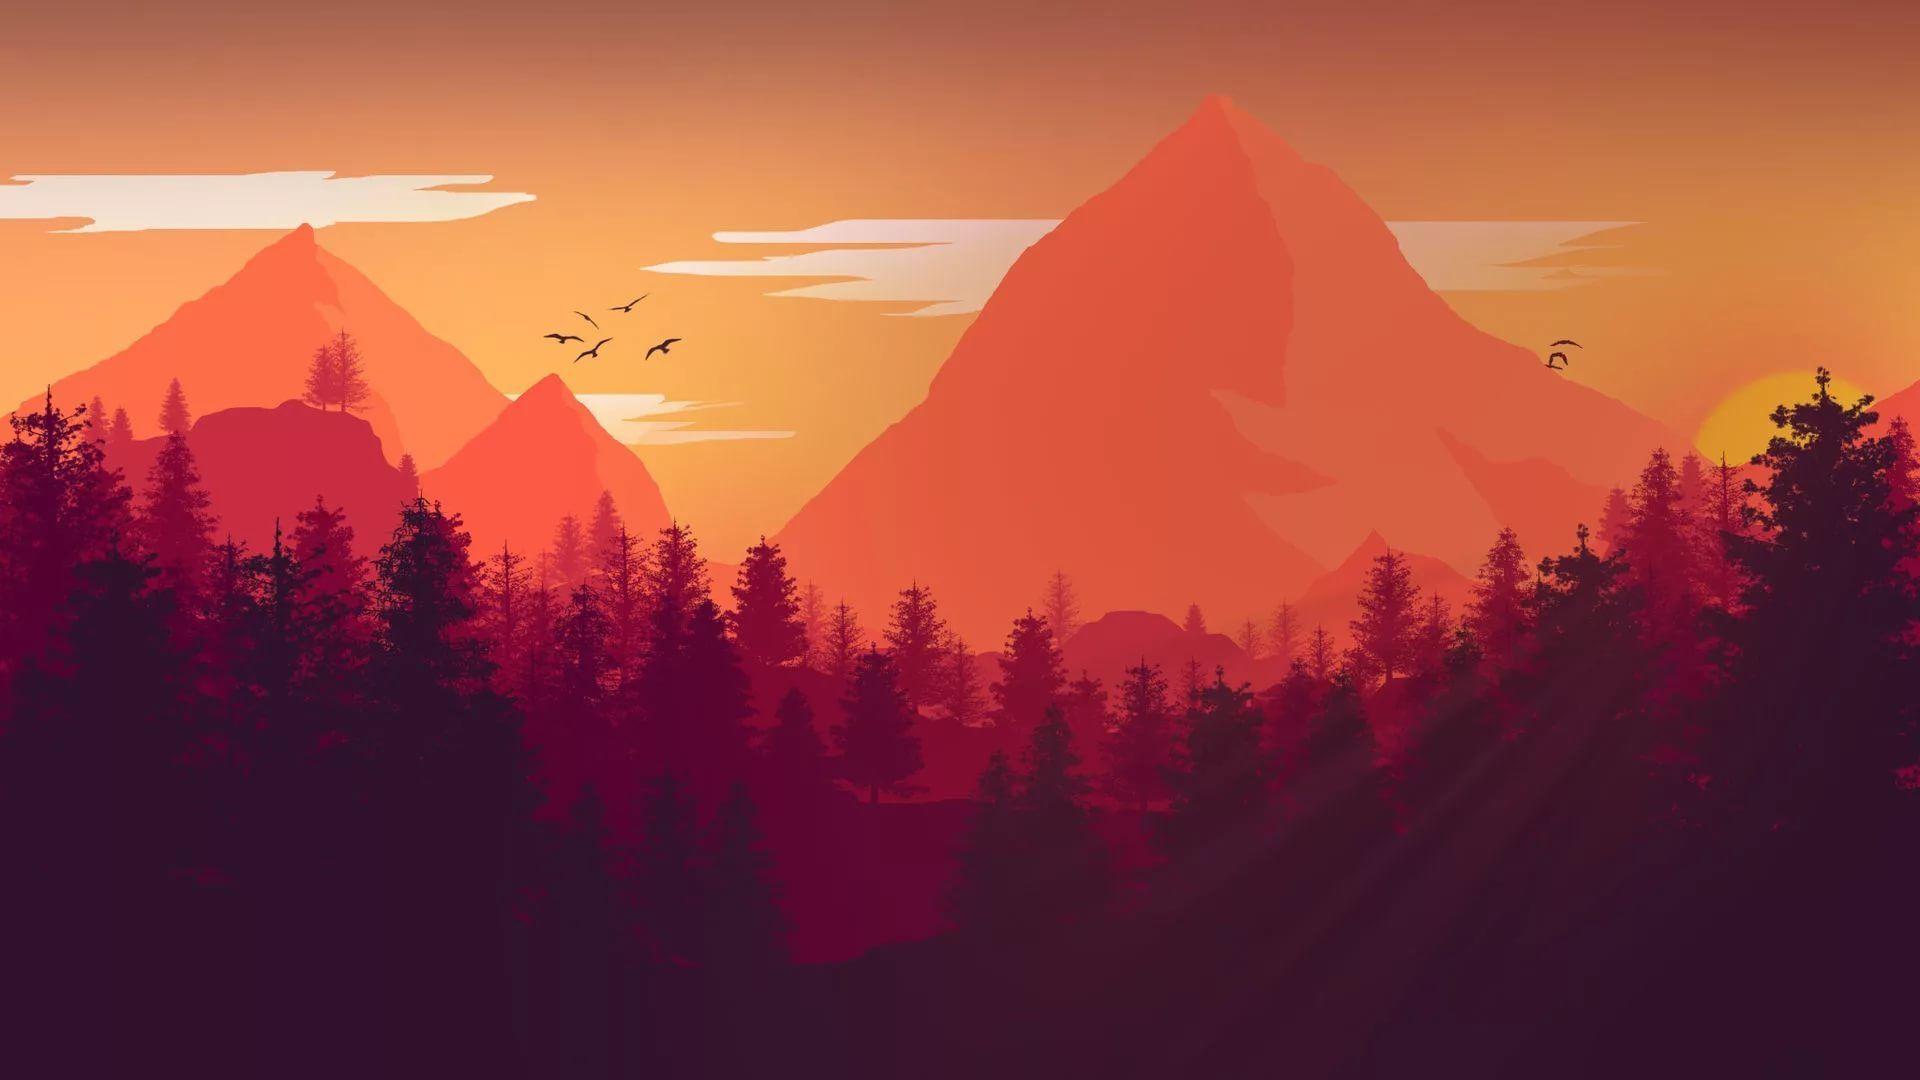 Indie Background